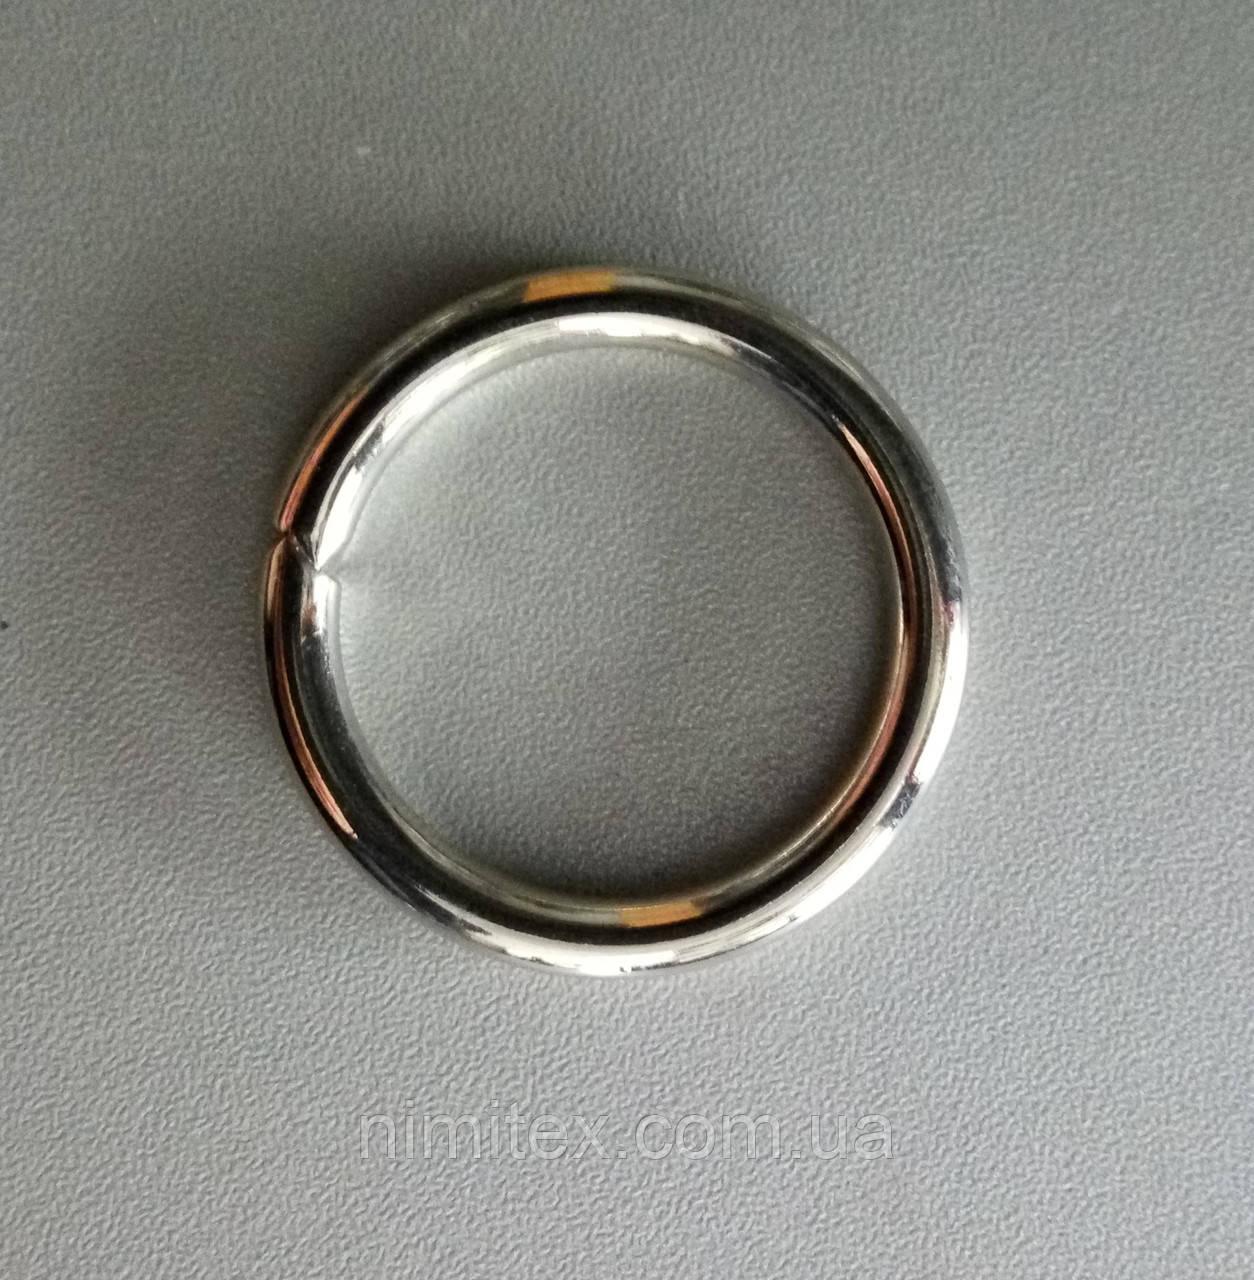 Кольцо литое сварное 30 мм никель